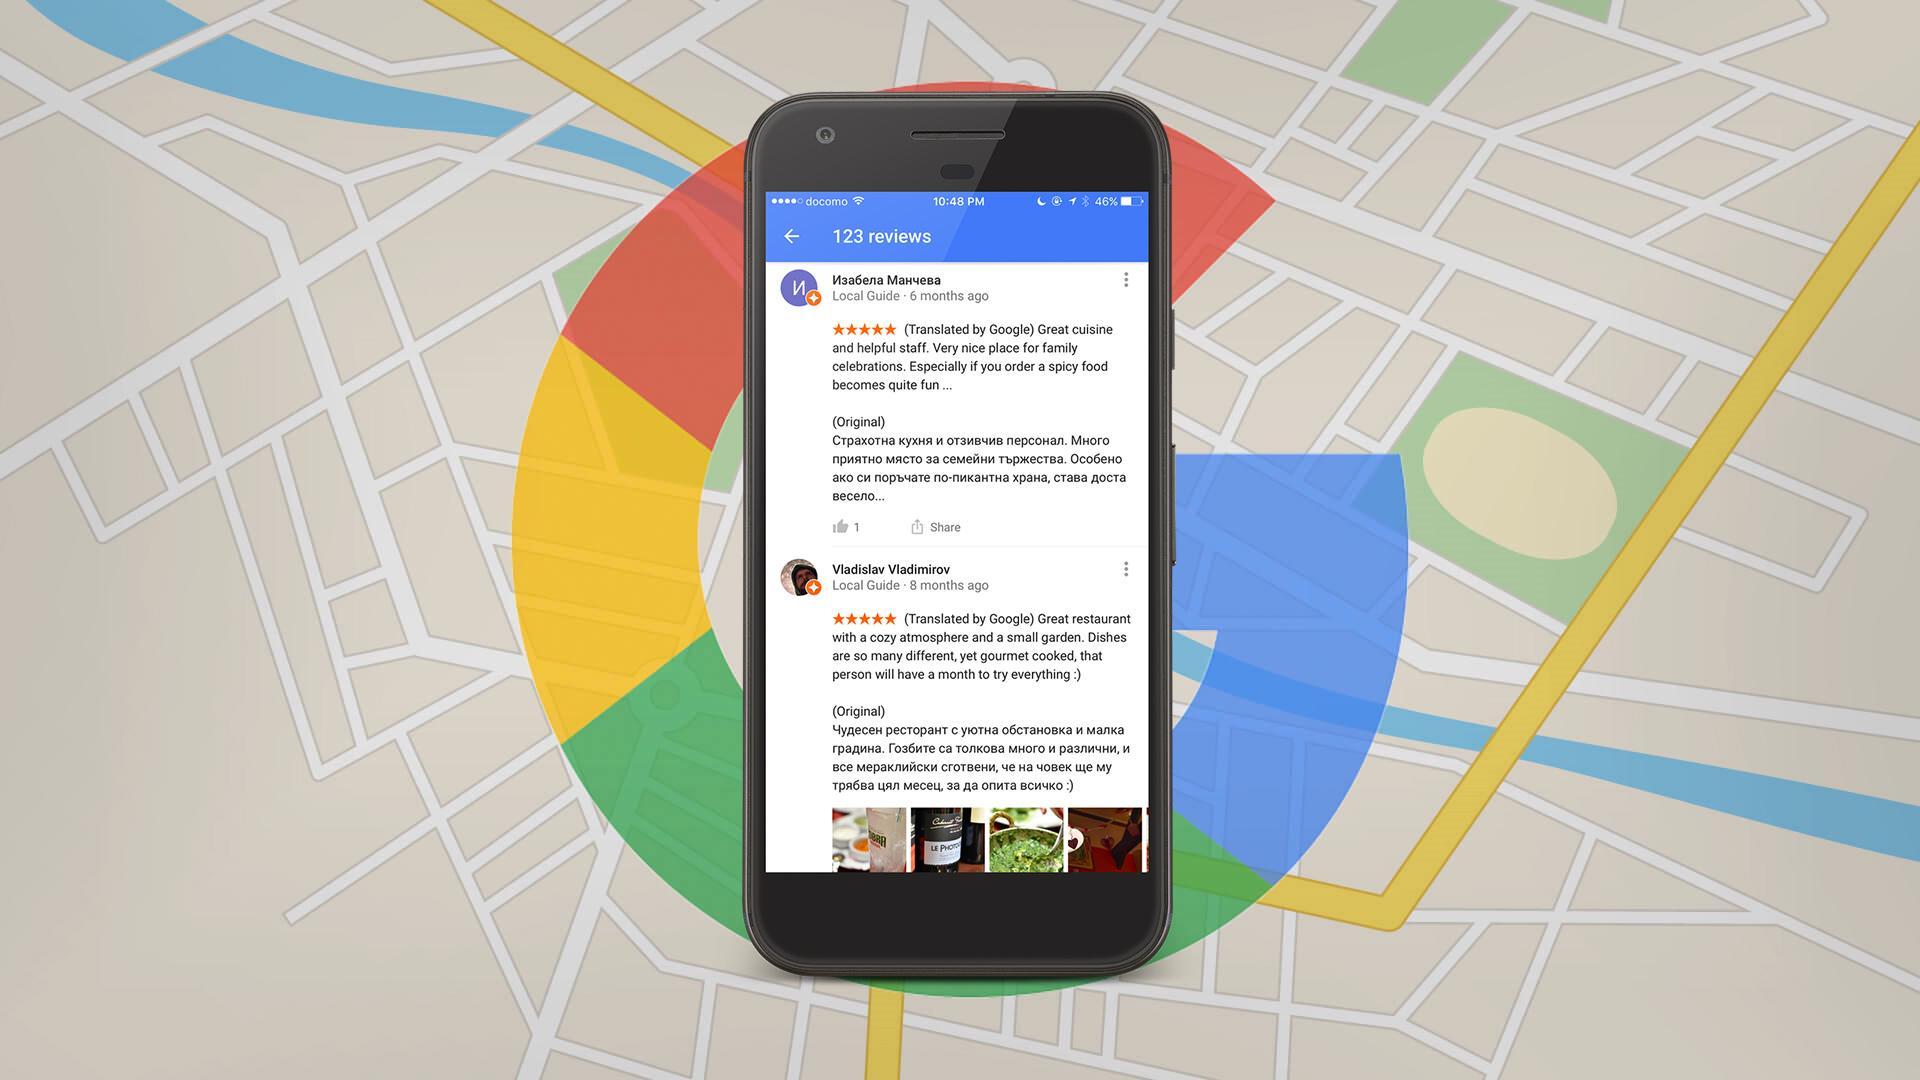 Google ahora traduce las críticas de forma automática, ideal para cuando viajamos